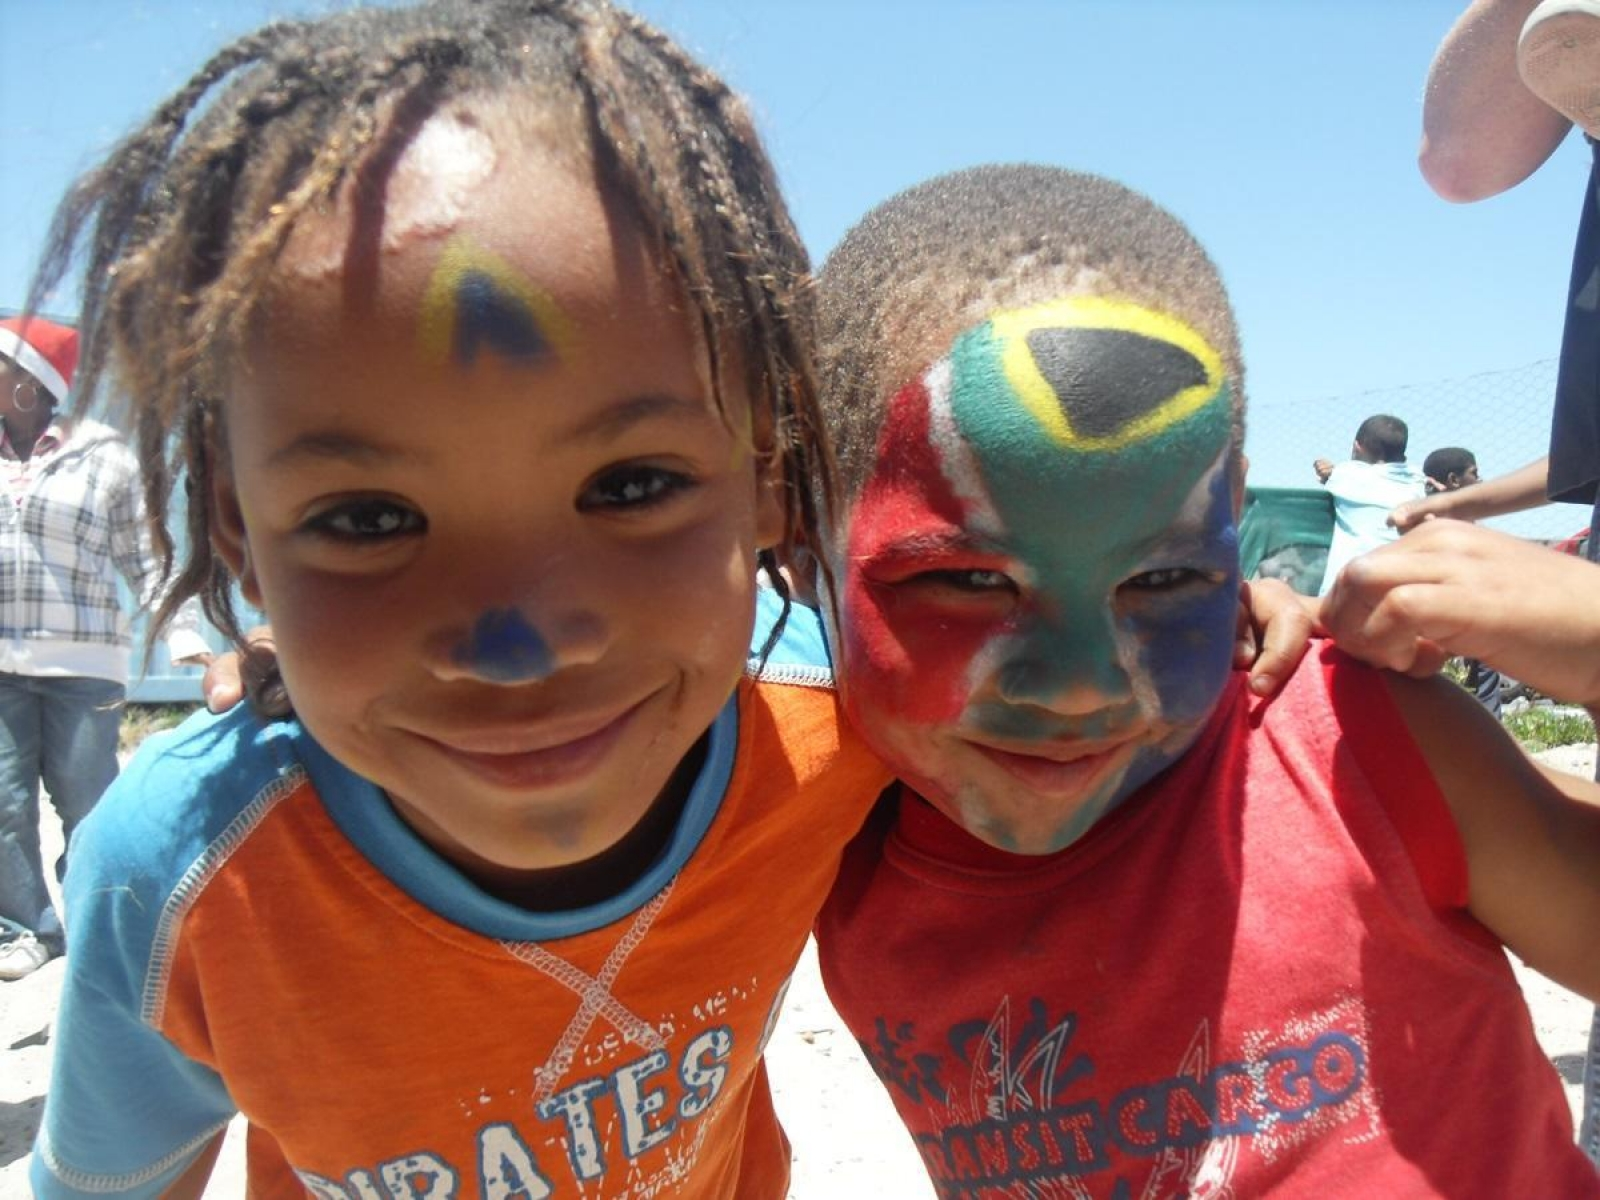 Mission humanitaire et stage en business, Afrique du Sud par Apolline C